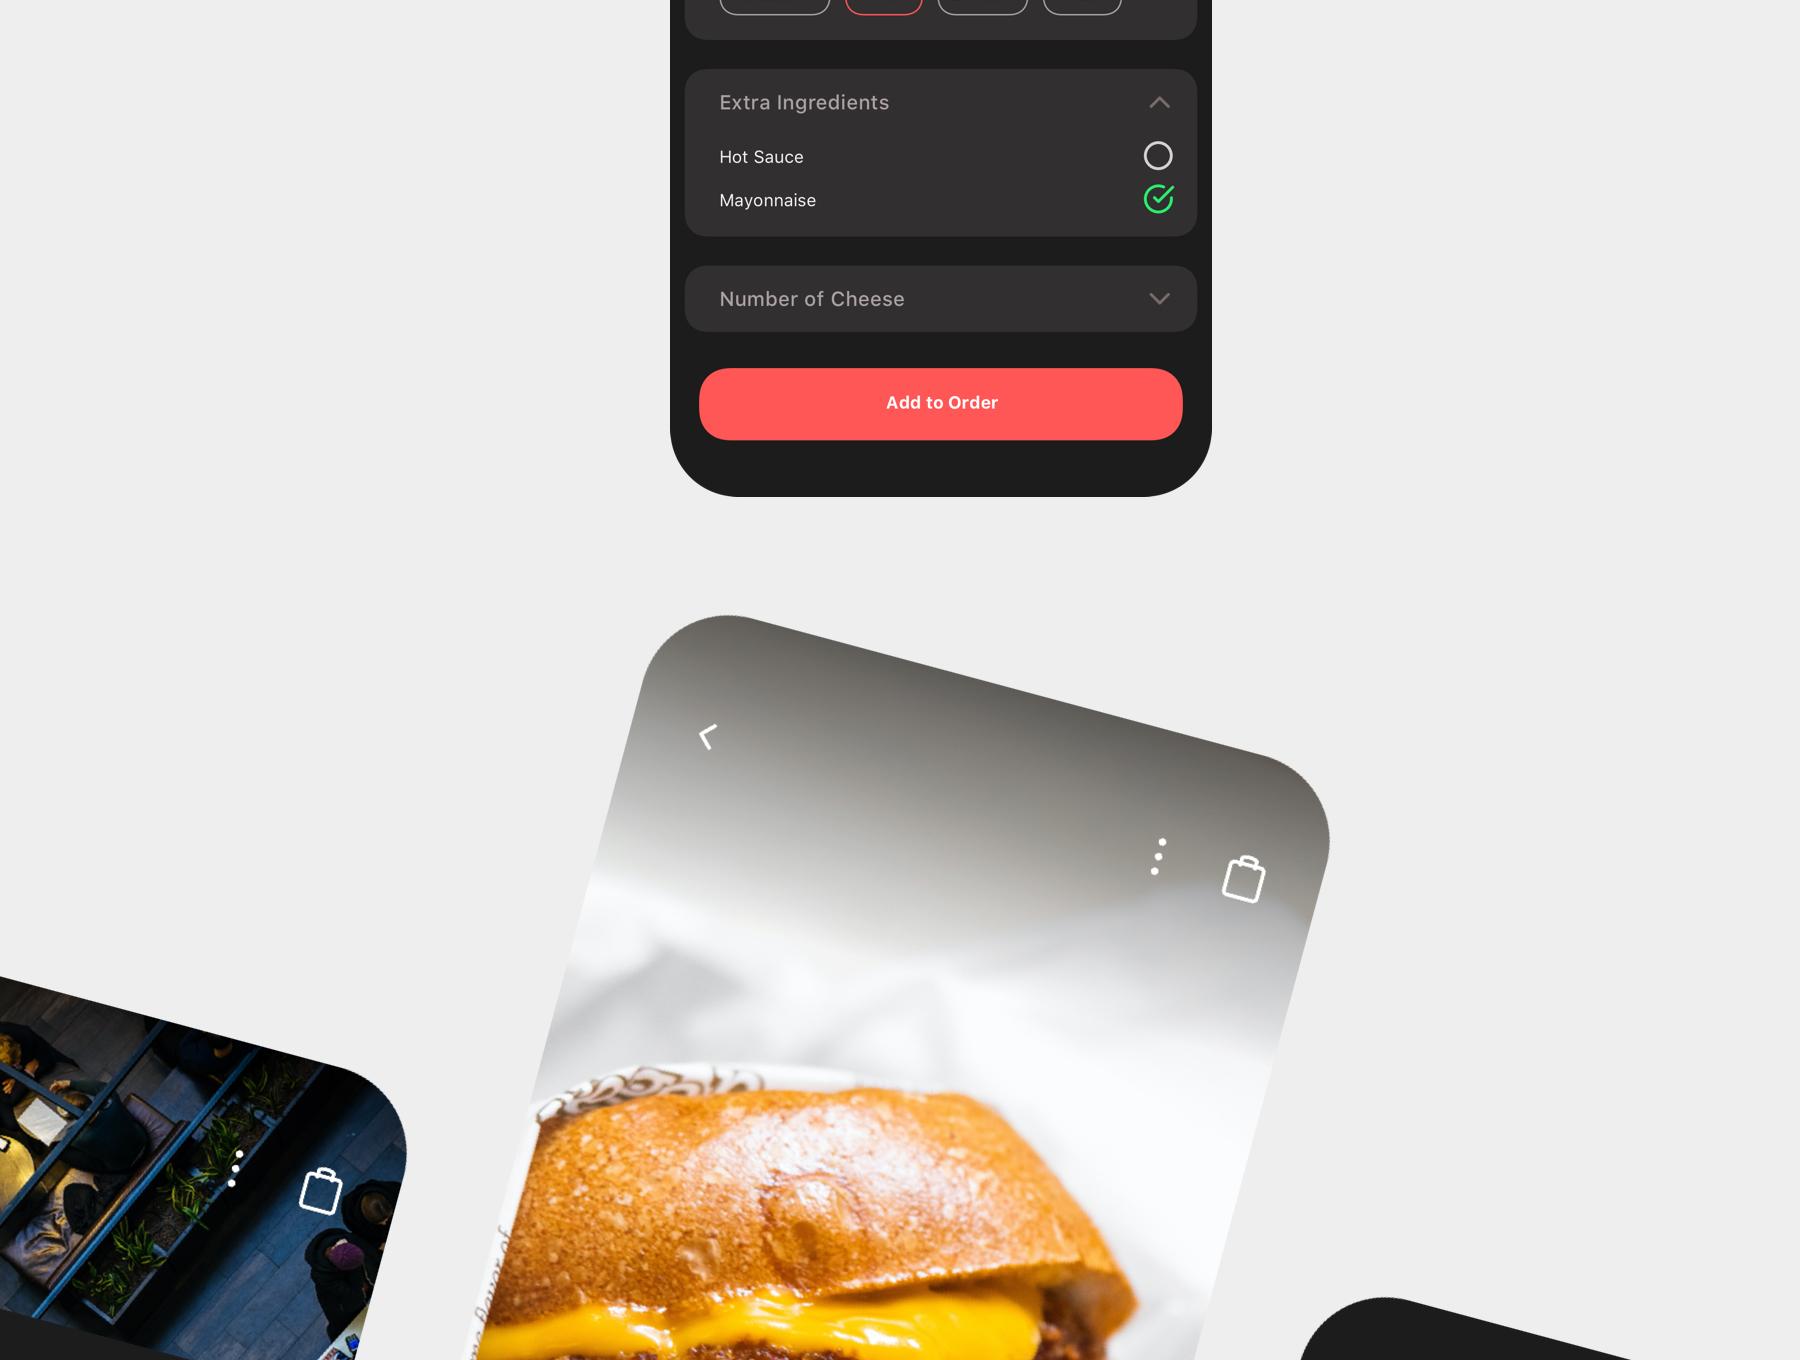 食品外卖配送服务移动应用APP界面设计UI套件 Spes Dark Food Delivery App UI Kit插图(3)